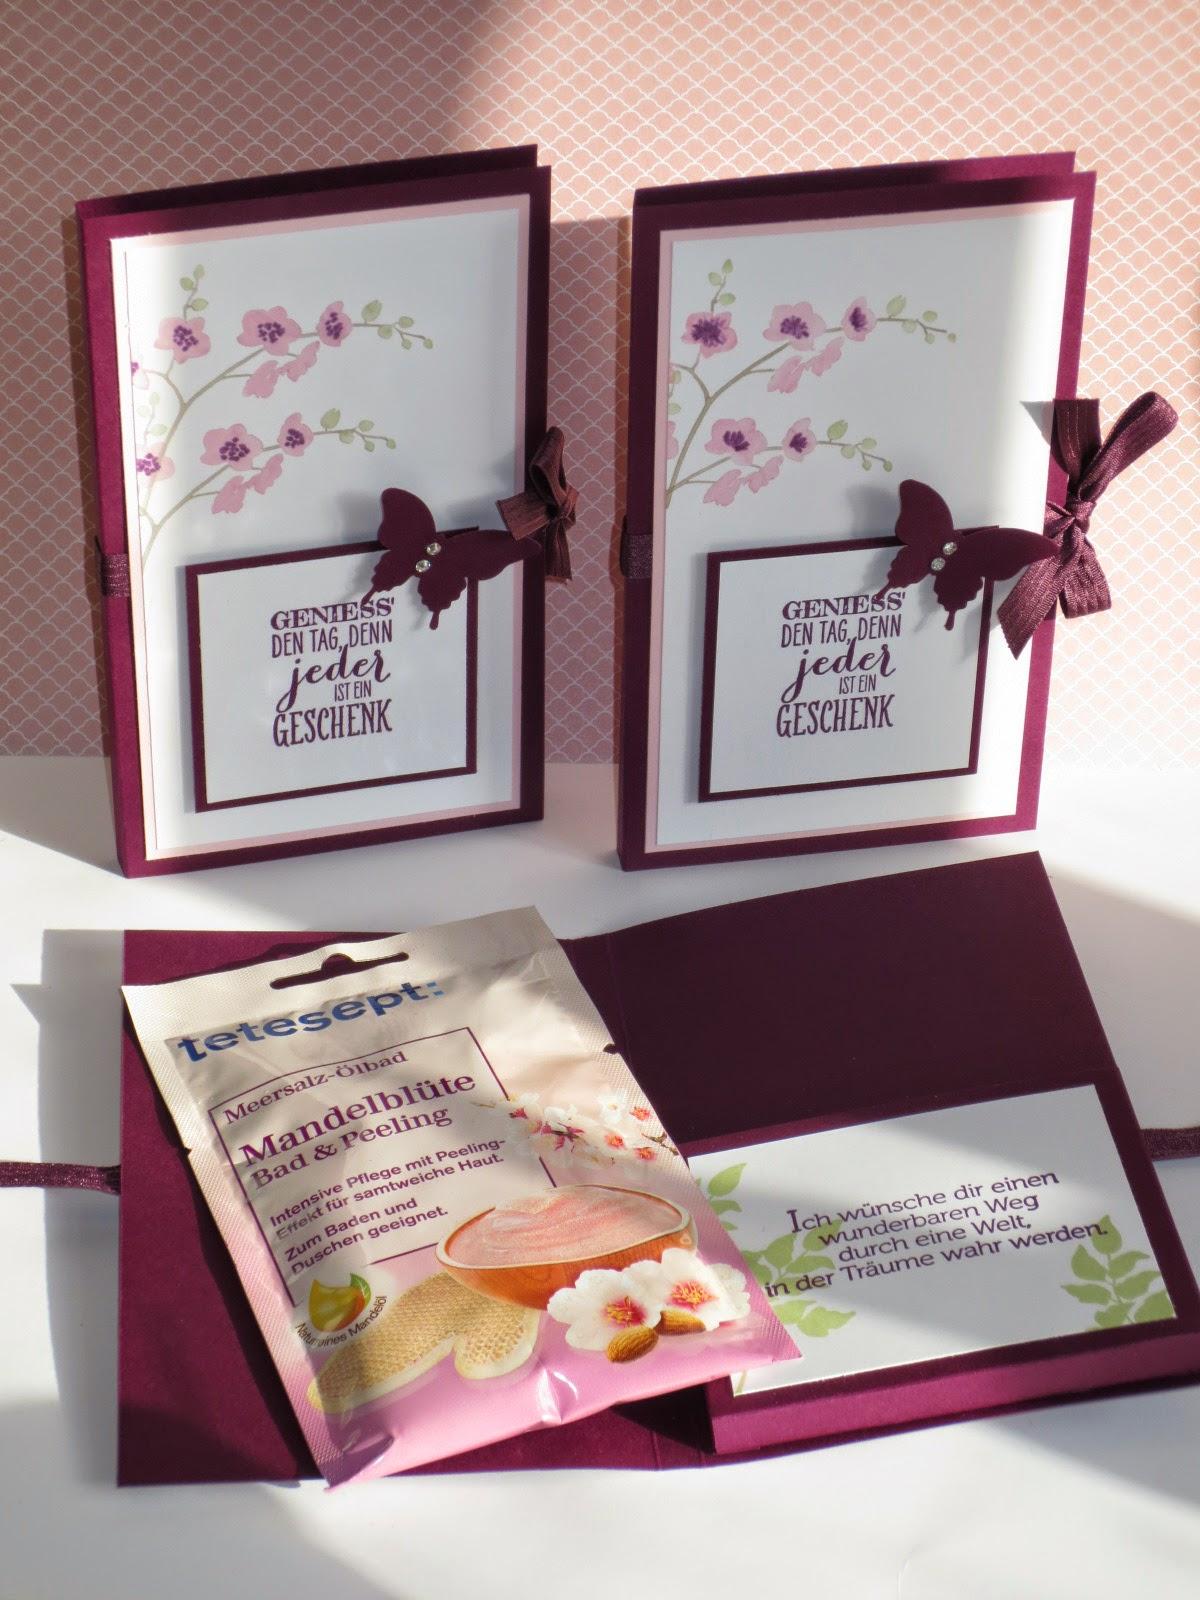 Stempelpf tchen ein kleines wellness geschenk for Kleine selbstgemachte geschenke